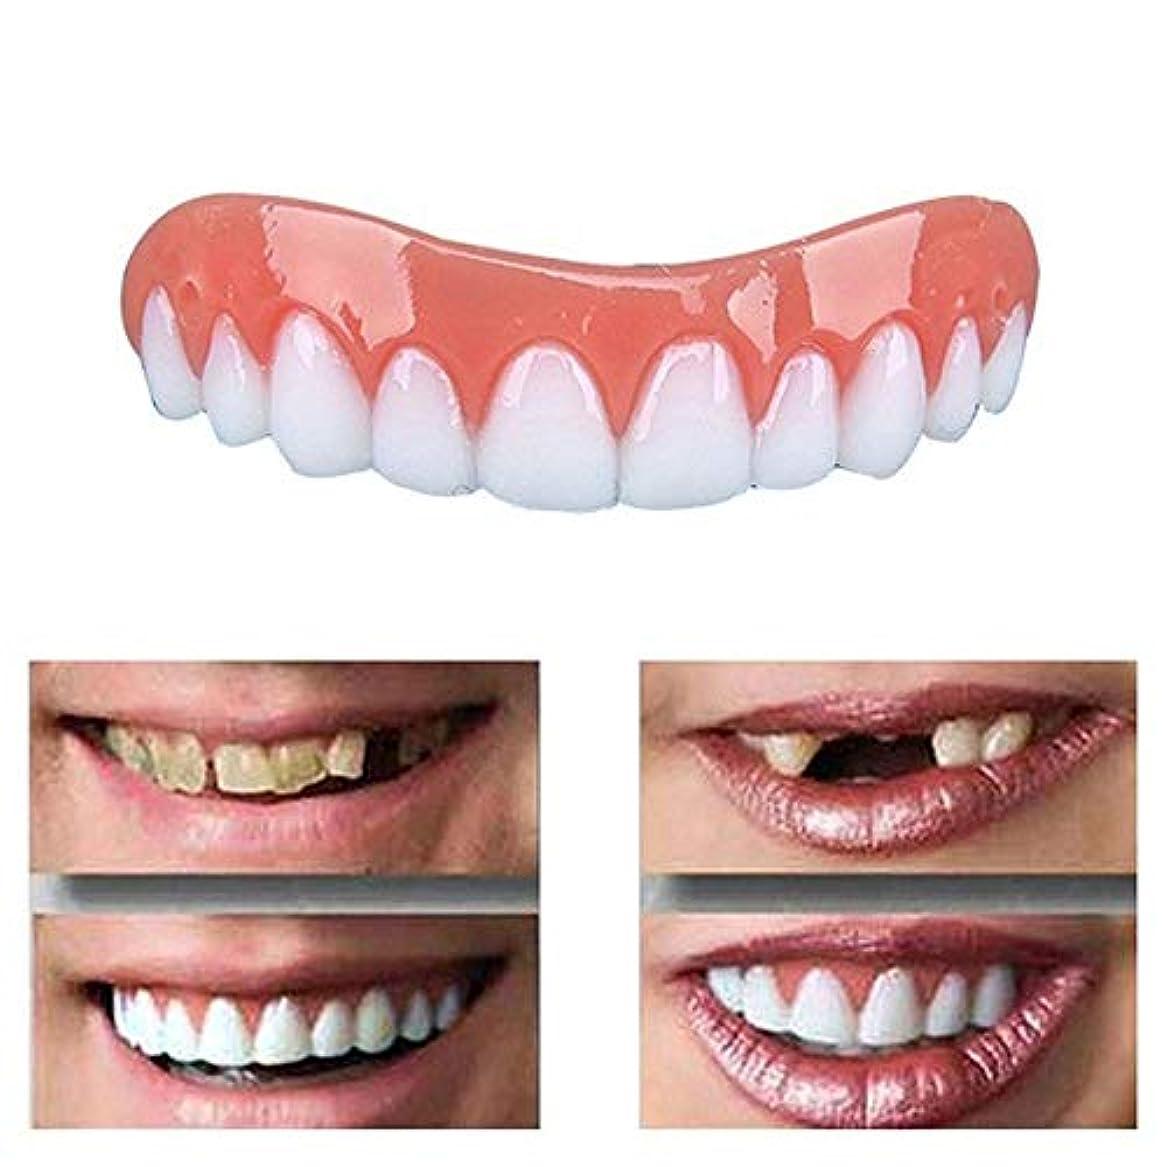 わずらわしい偉業きらきら上位層シリコーンシミュレーション入れ歯ホワイトニング歯に白い歯の2ペア。